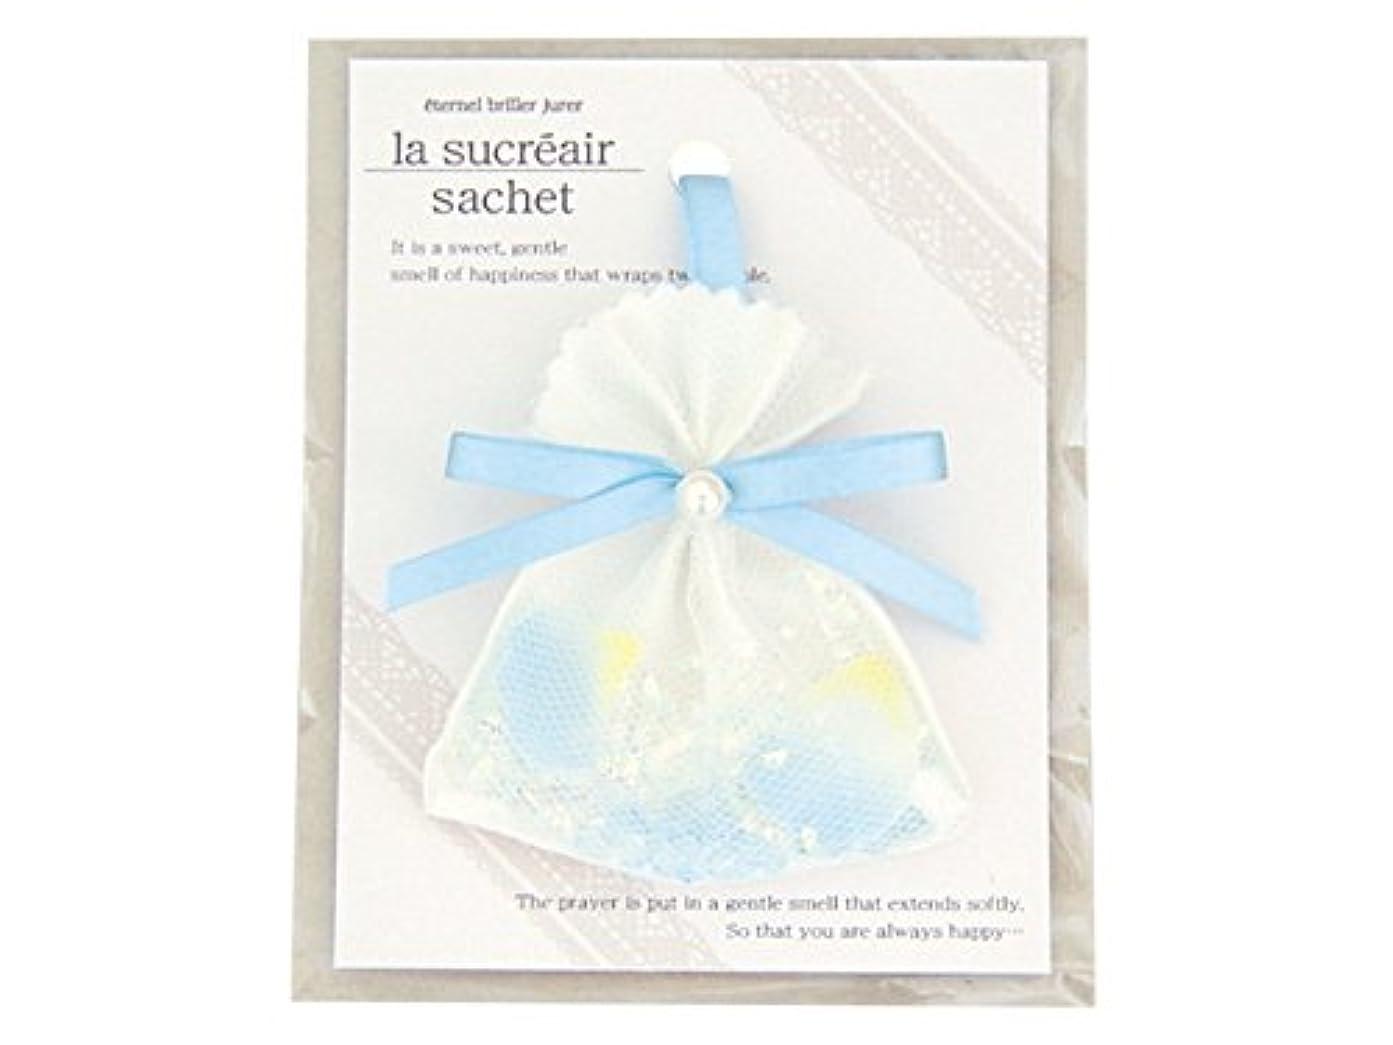 余韻名前で私たち自身アロマ 巾着チュールサシェ ラベンダーの香り LA-06LA